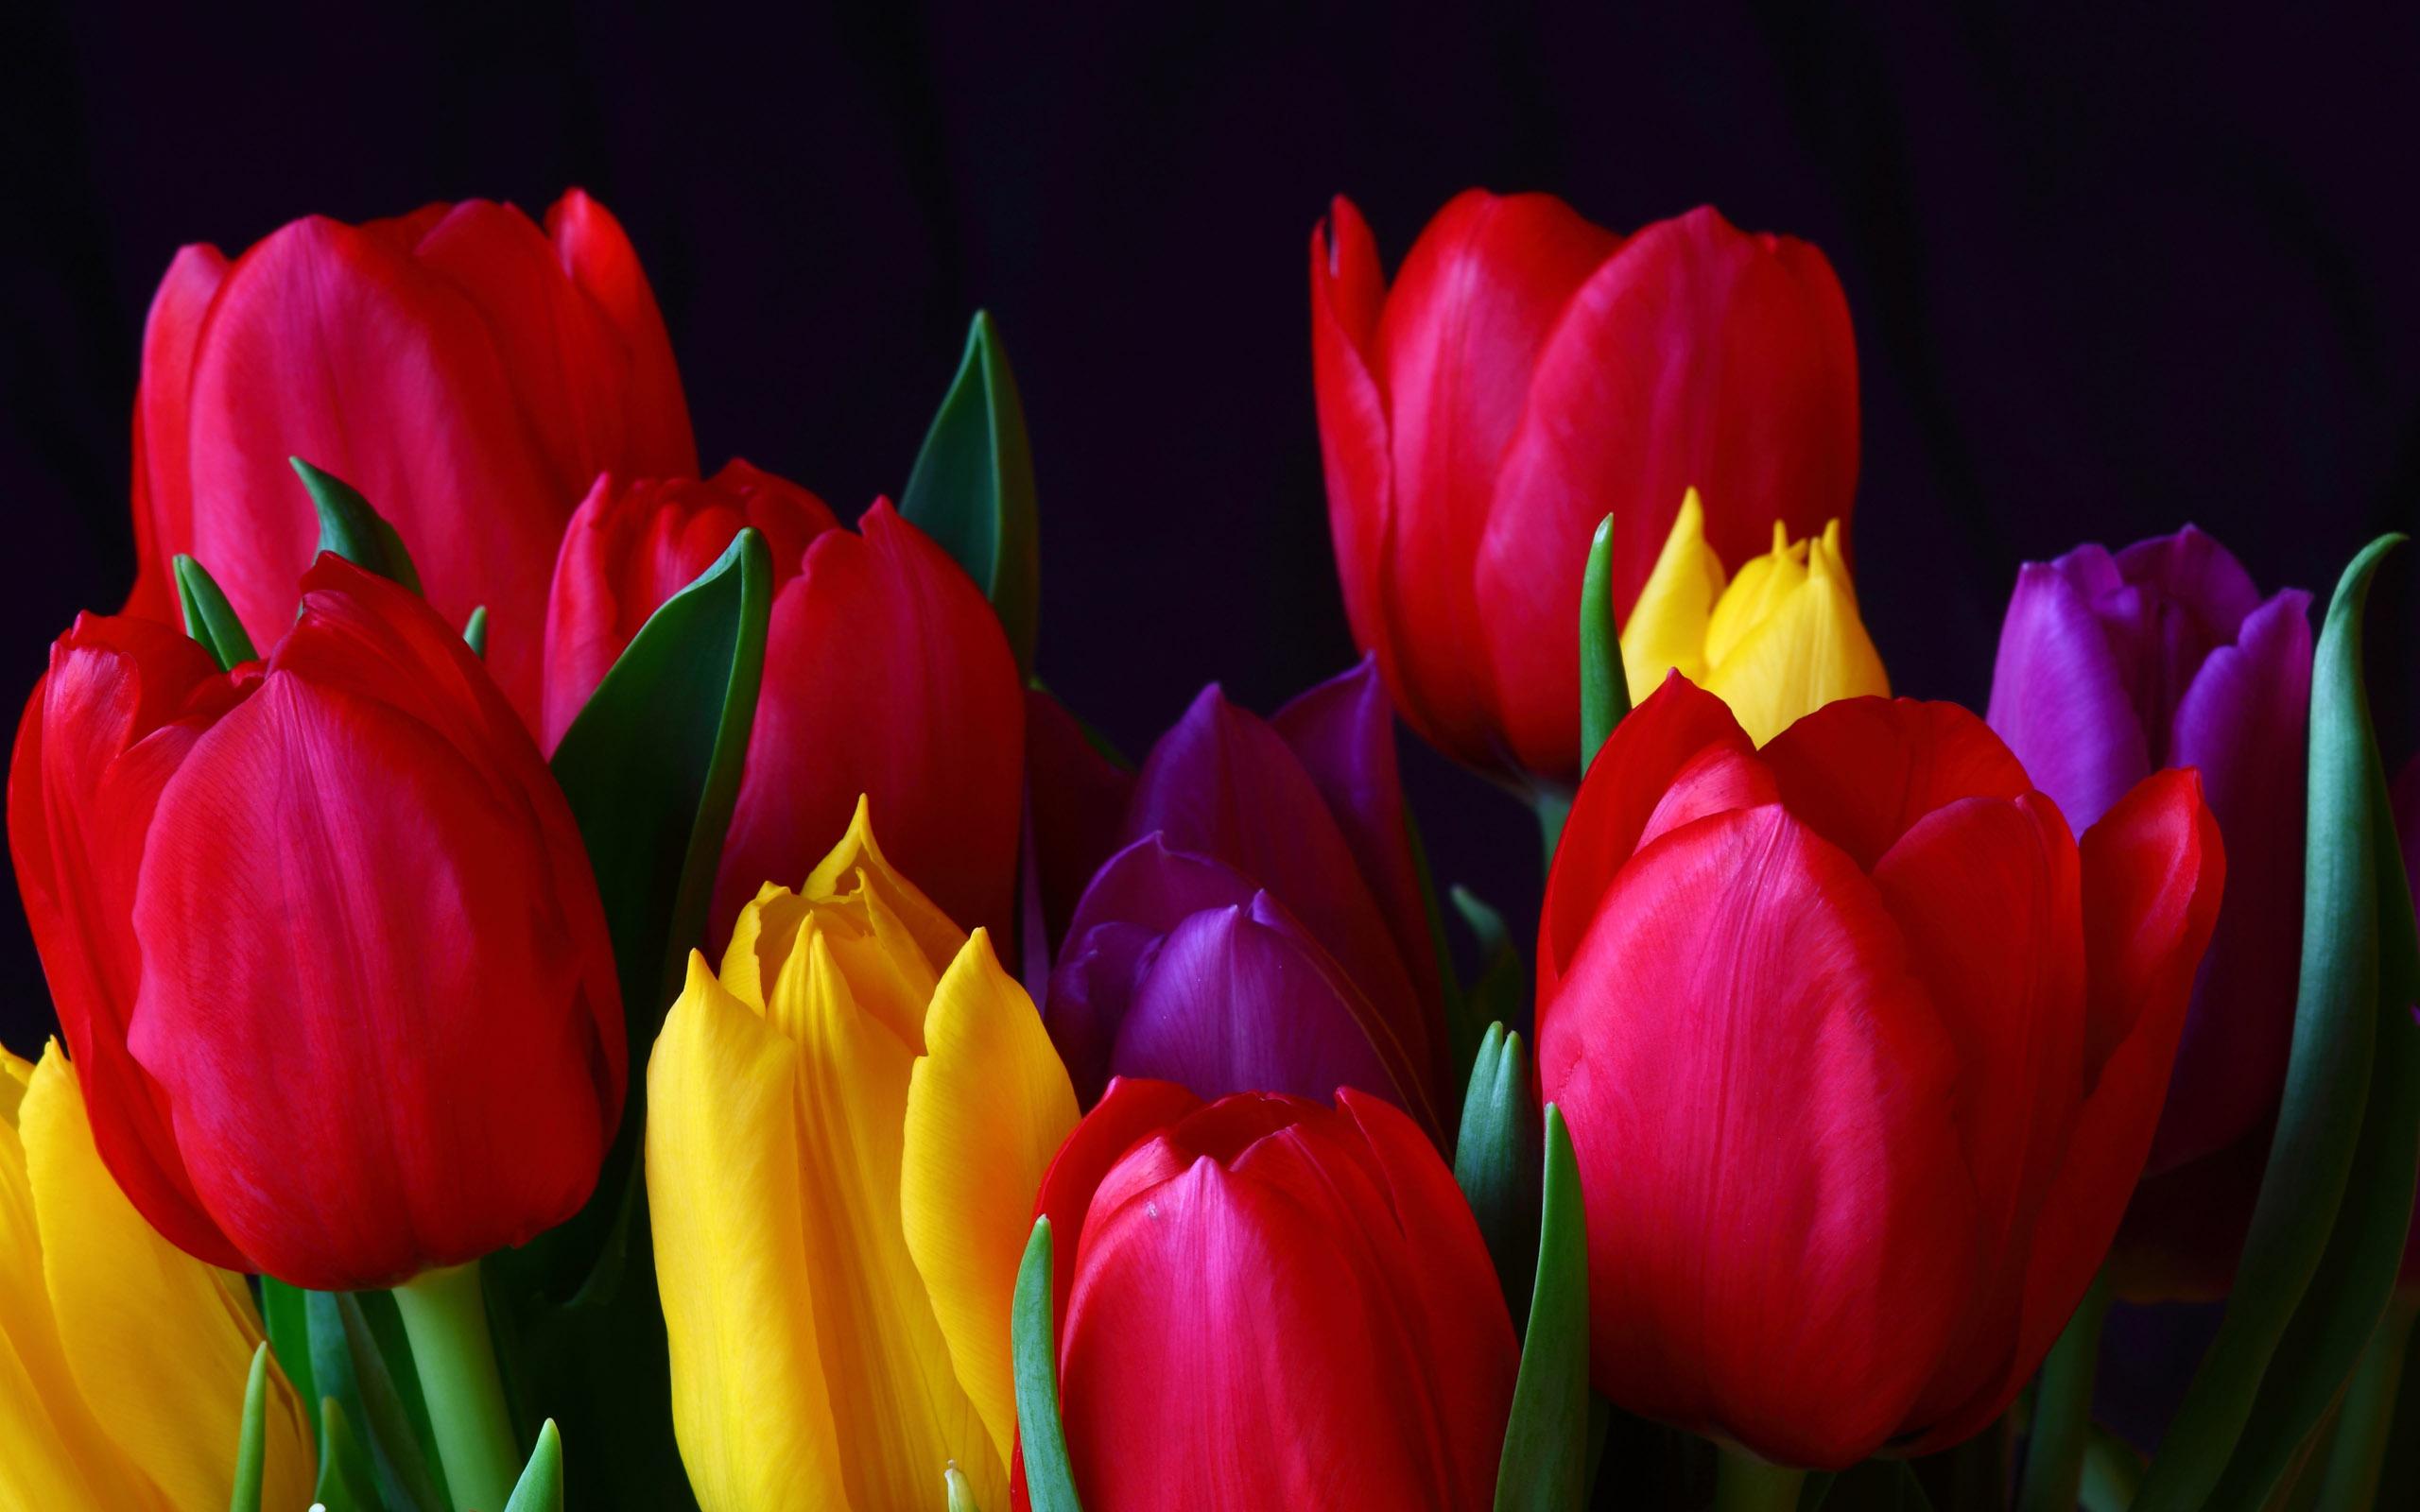 обои для рабочего тюльпаны: